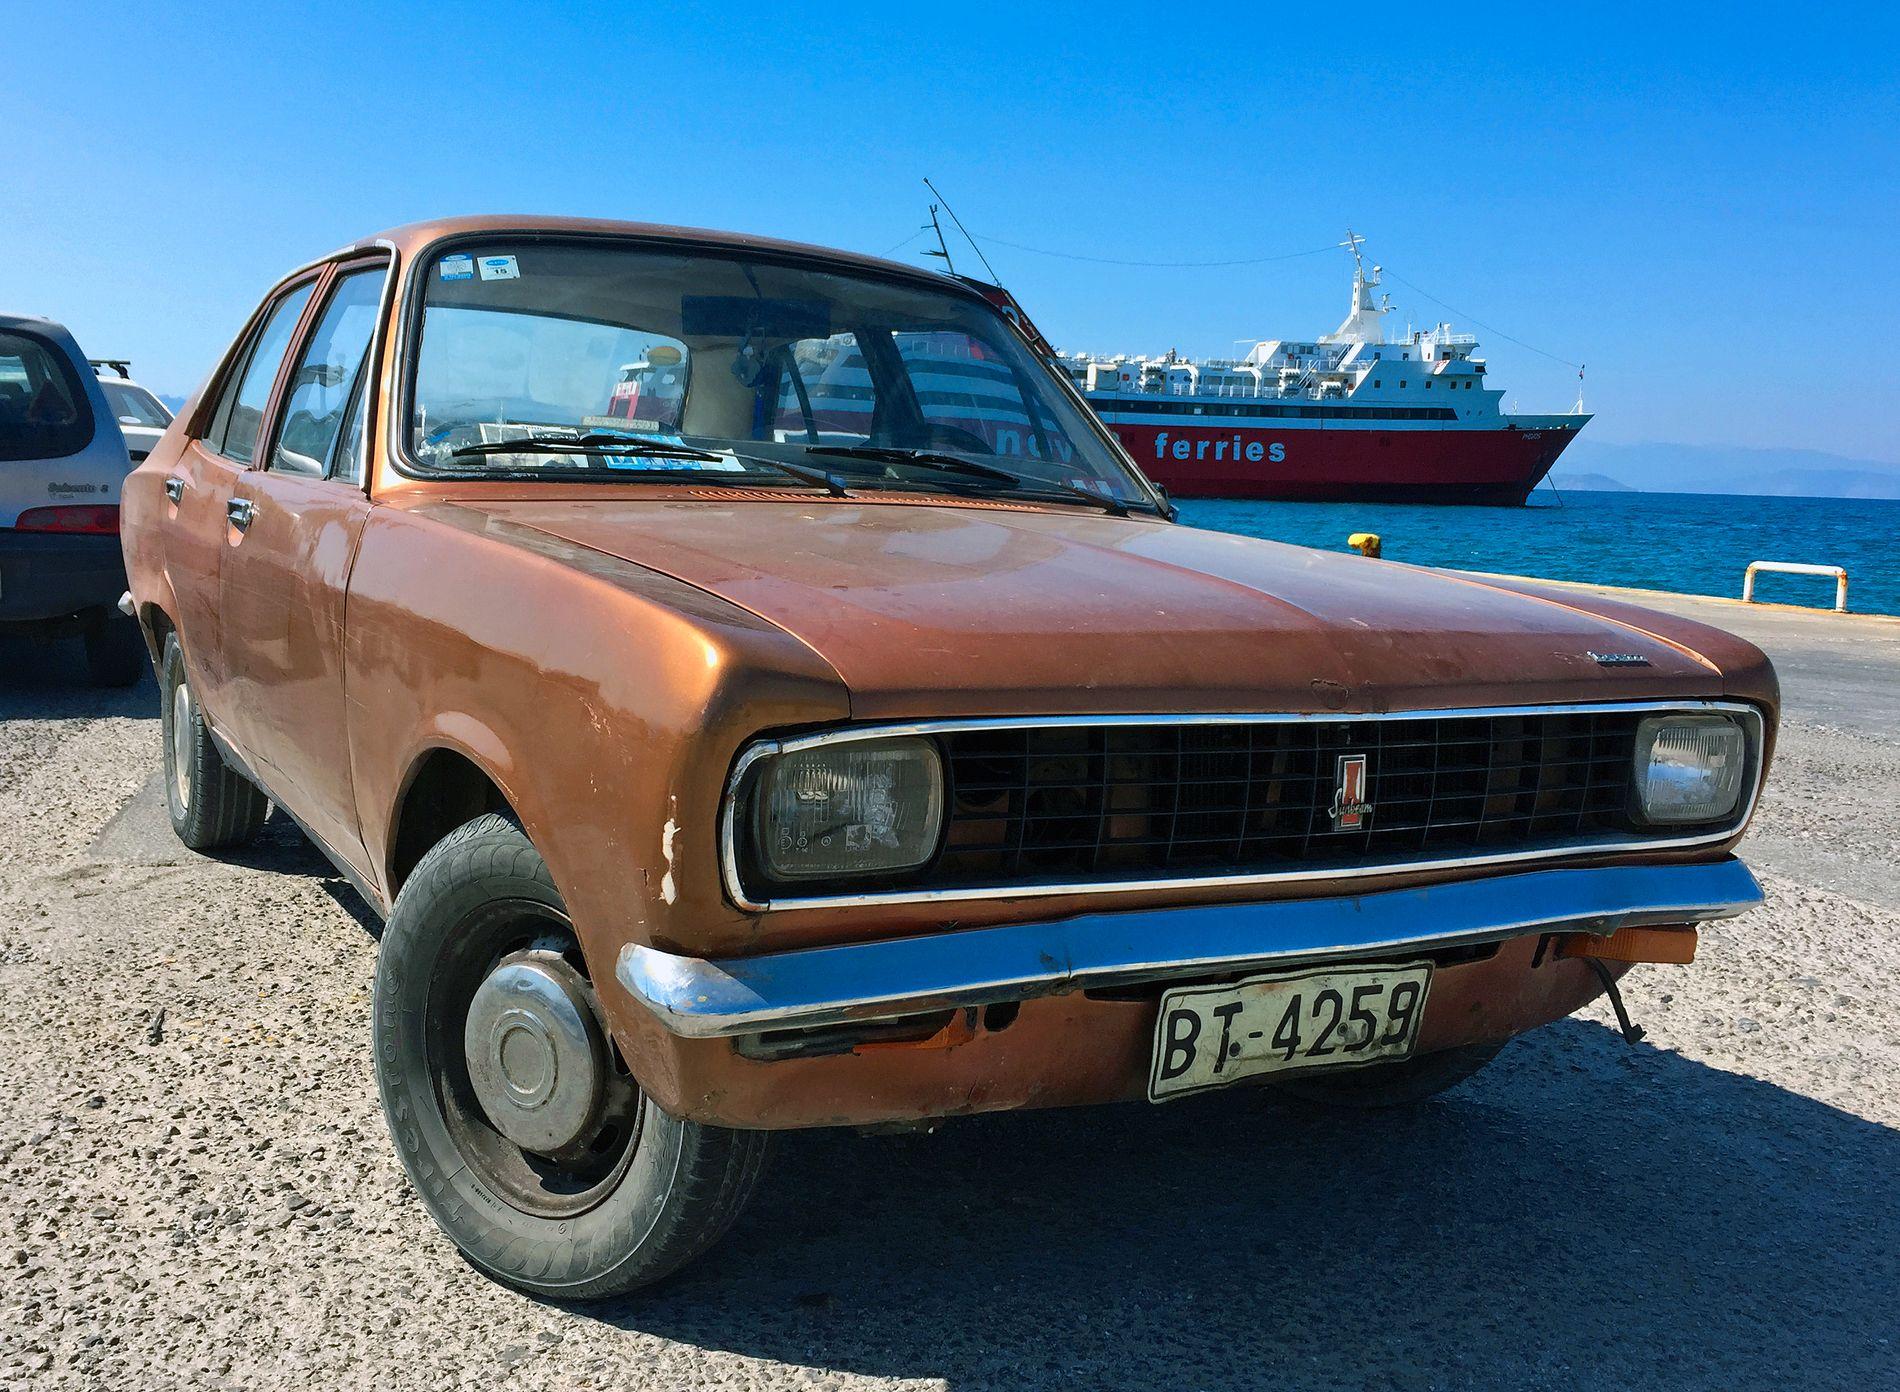 PERIODISK KJØRETØYS: Når var denne greske bilen sist på EU-kontroll, mon tro?